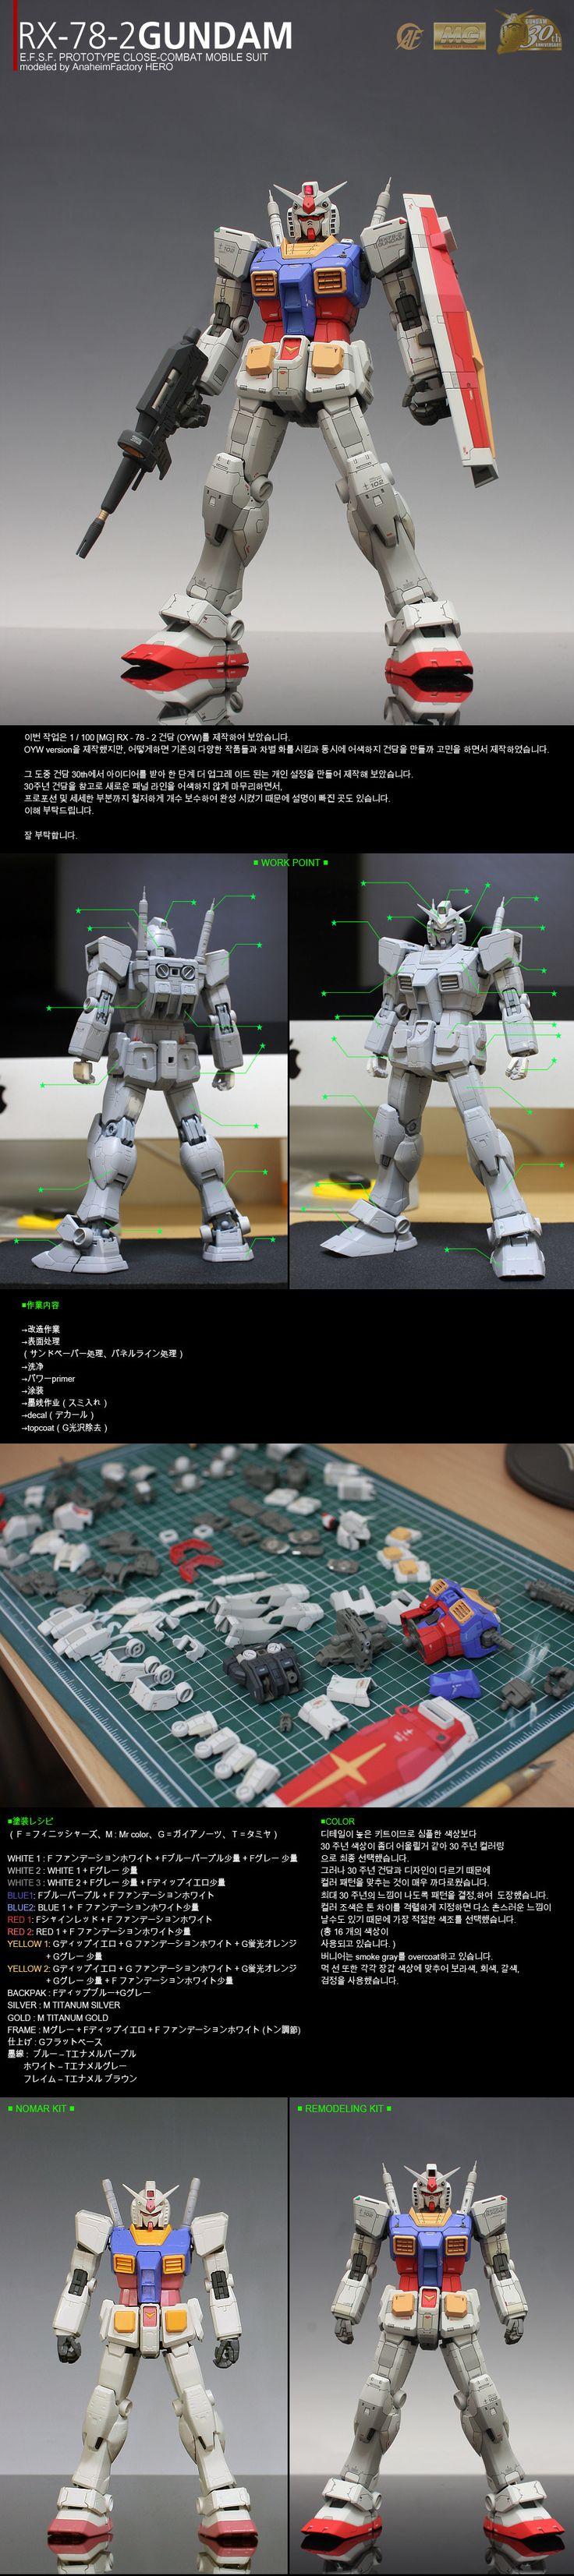 """■[完成]RX-78-2 GUNDAM """"Ver_O.Y.W./G-30"""" ■   Daum 루리웹"""